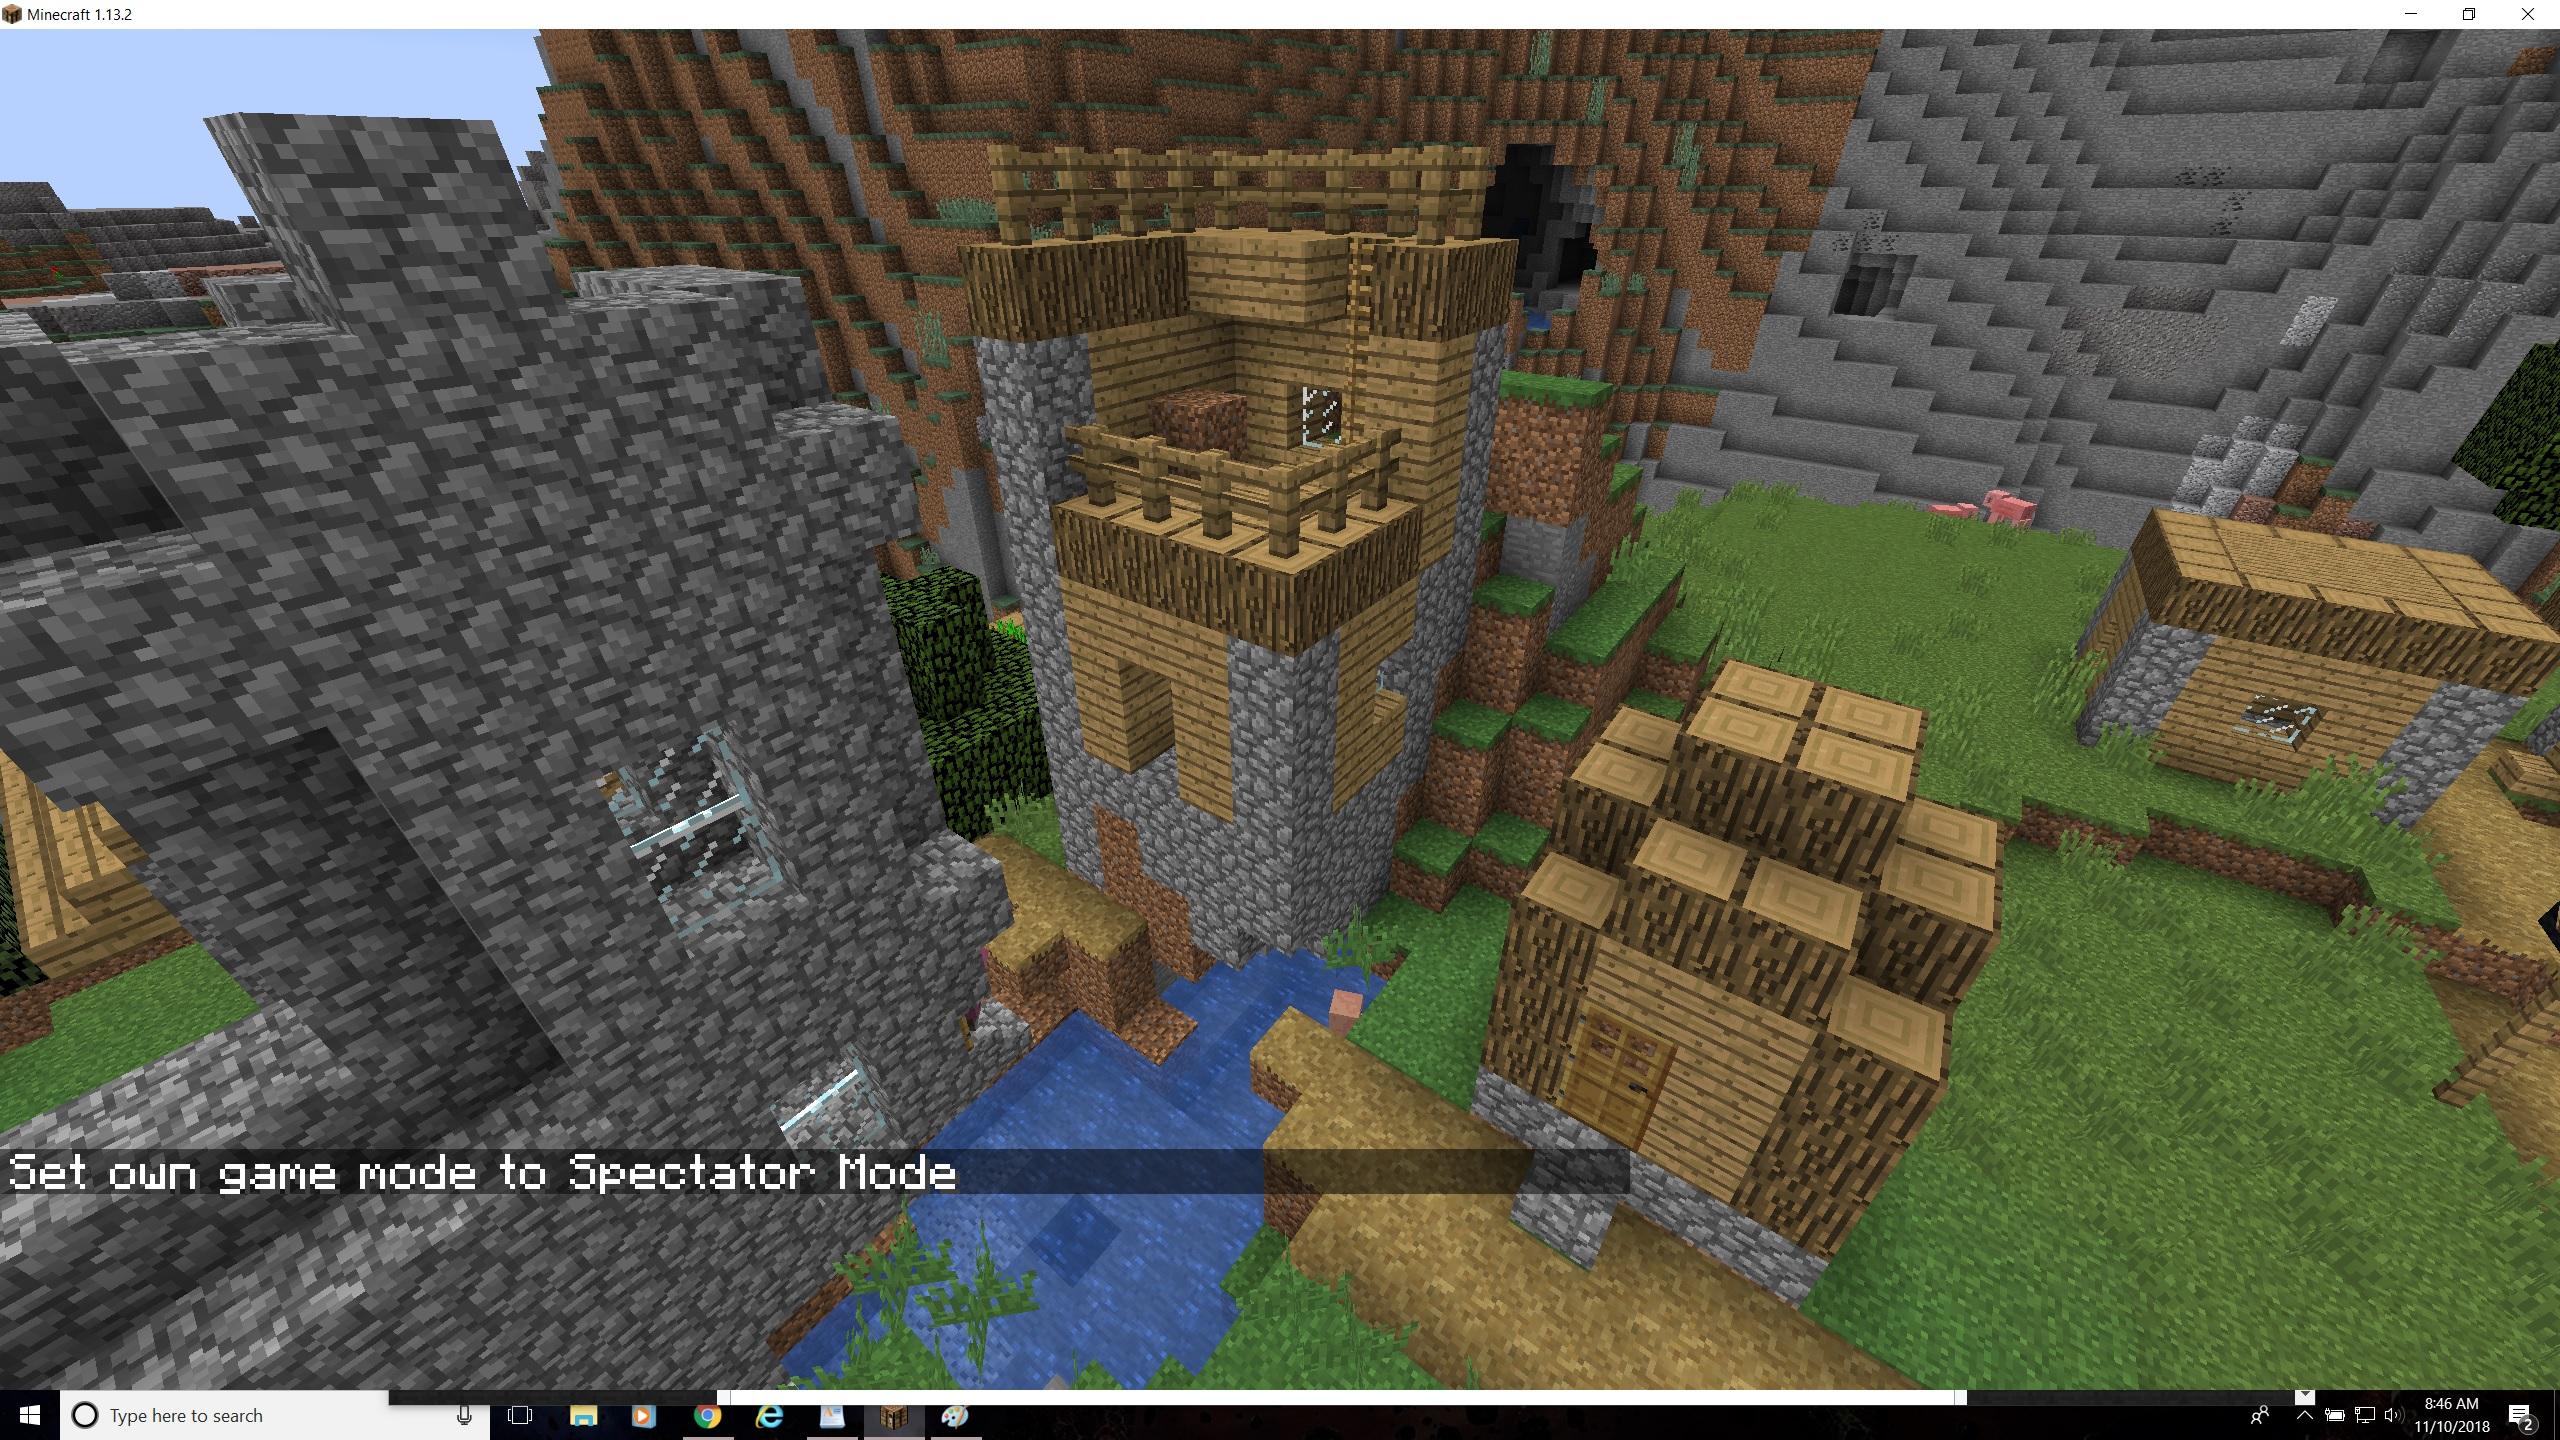 Strange seeds in 1 13 - Seeds - Minecraft: Java Edition - Minecraft